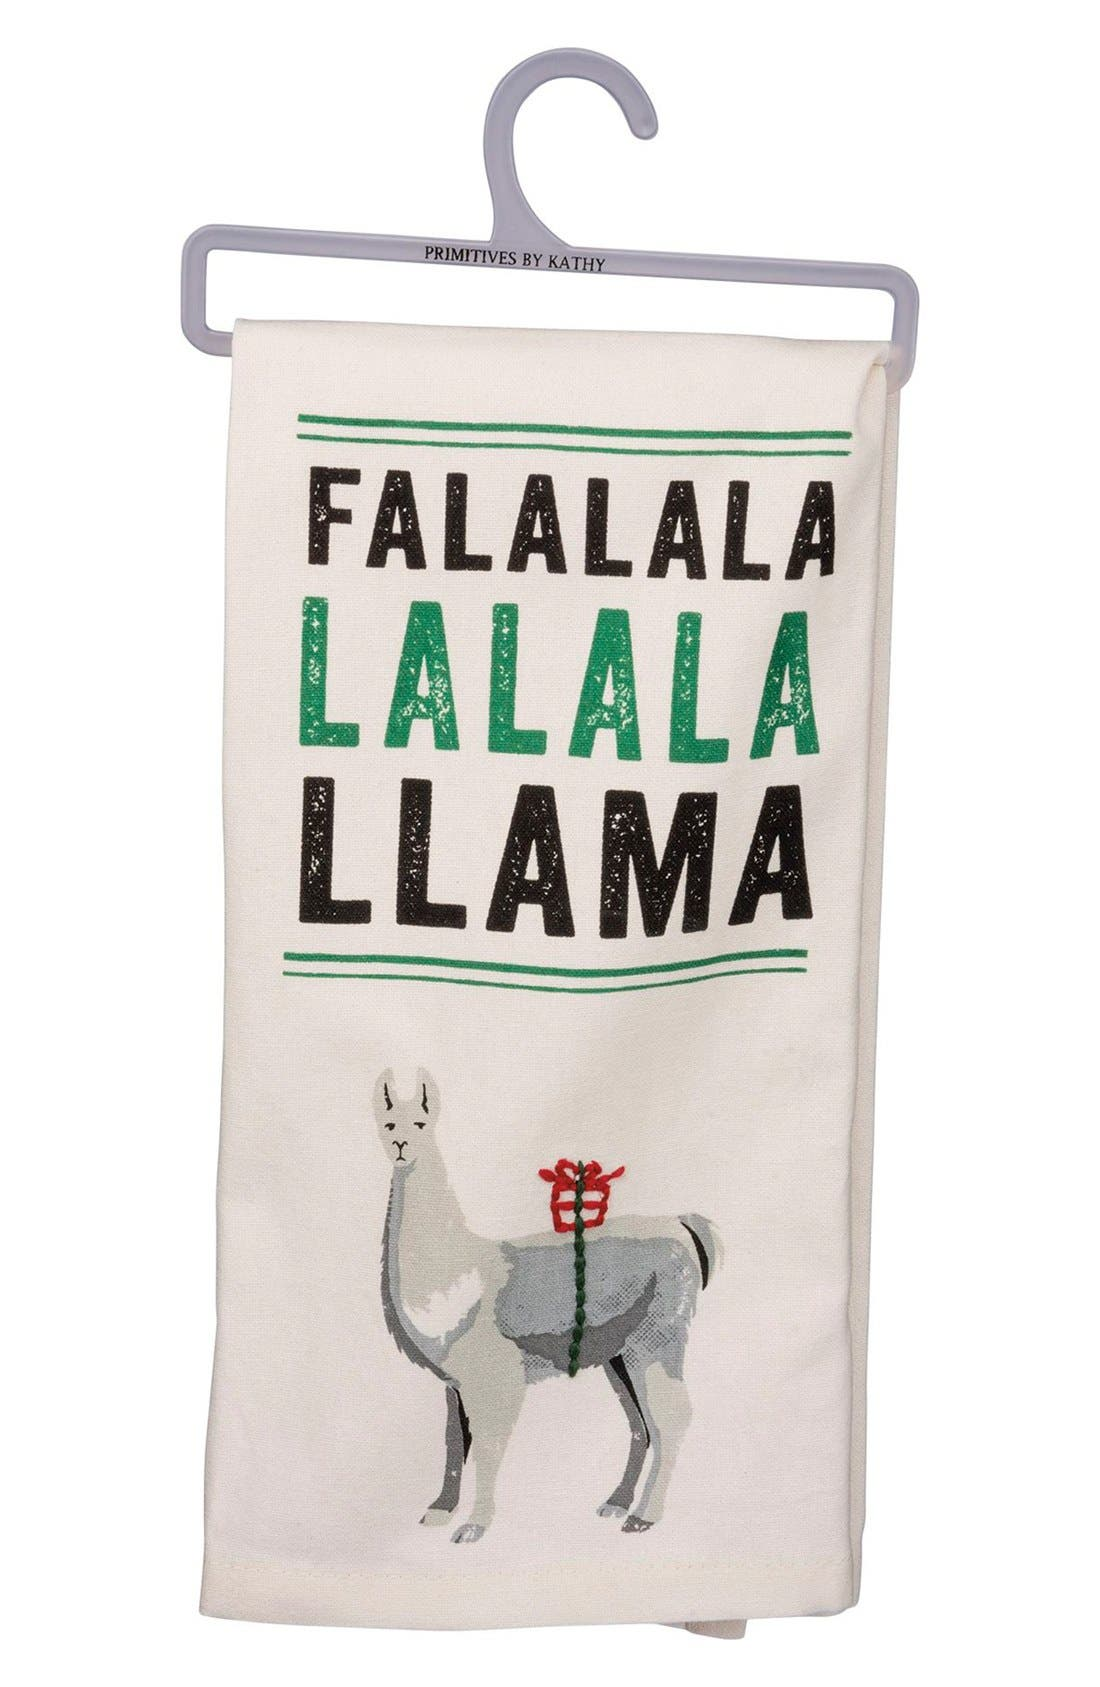 PRIMITIVES BY KATHY Fa La La La Llama Dish Towel, Main, color, 100